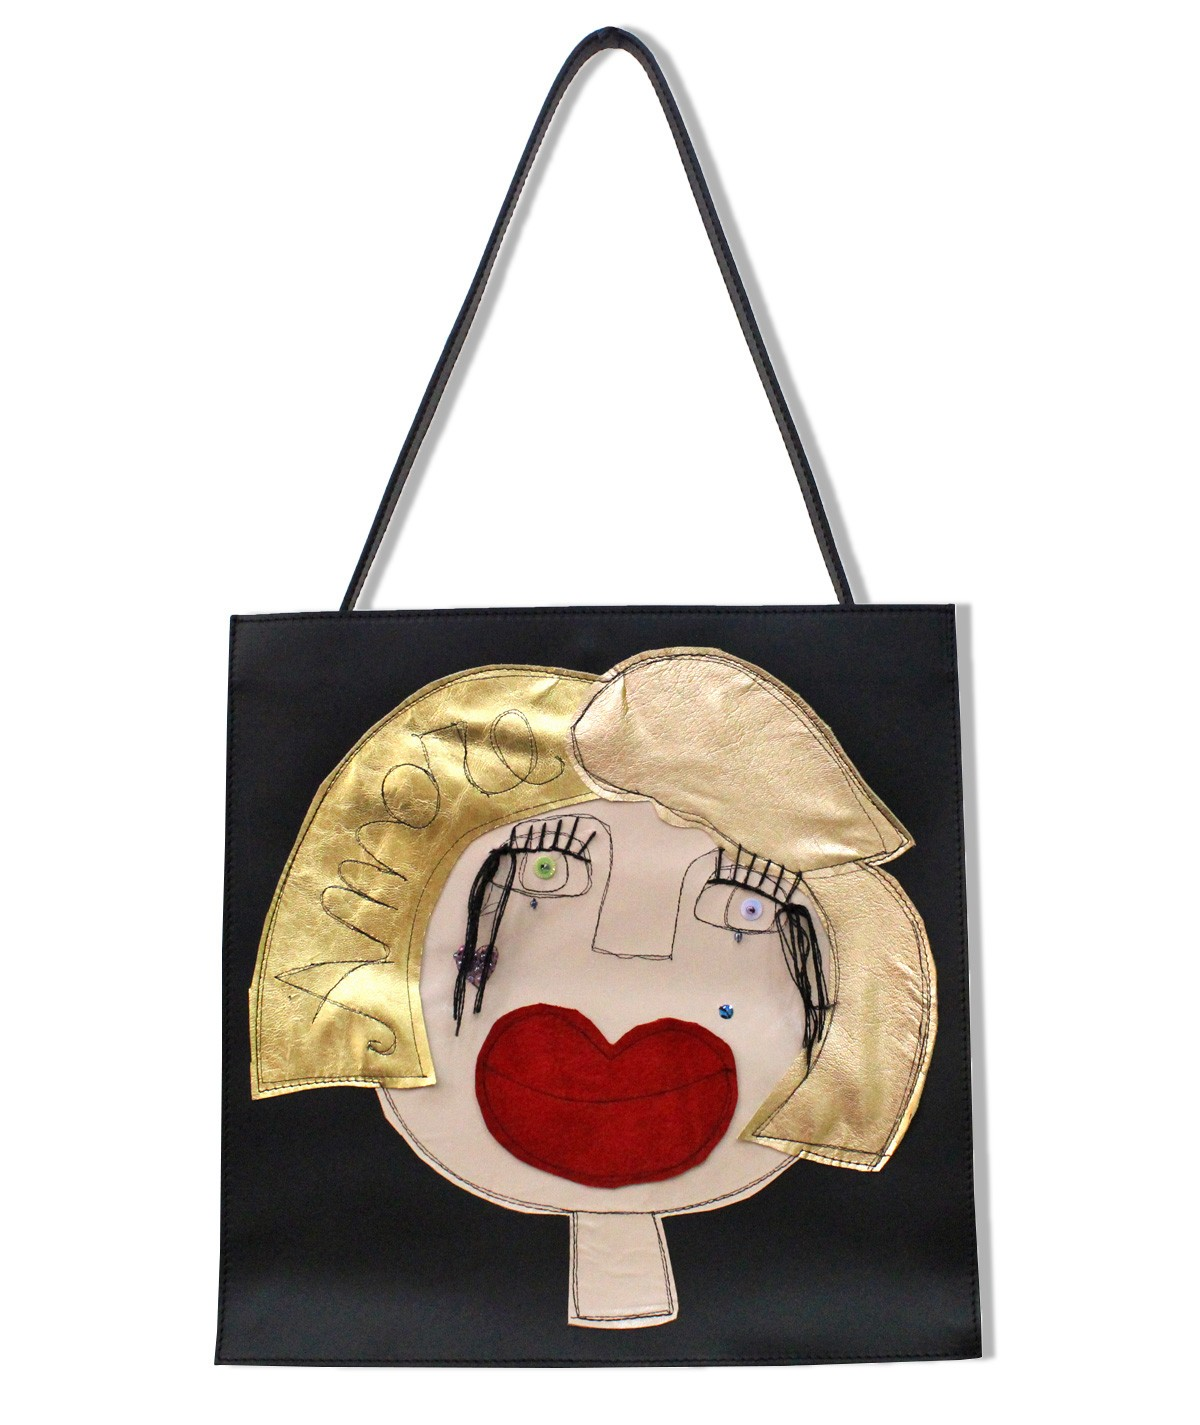 Amore - maxi leather bag